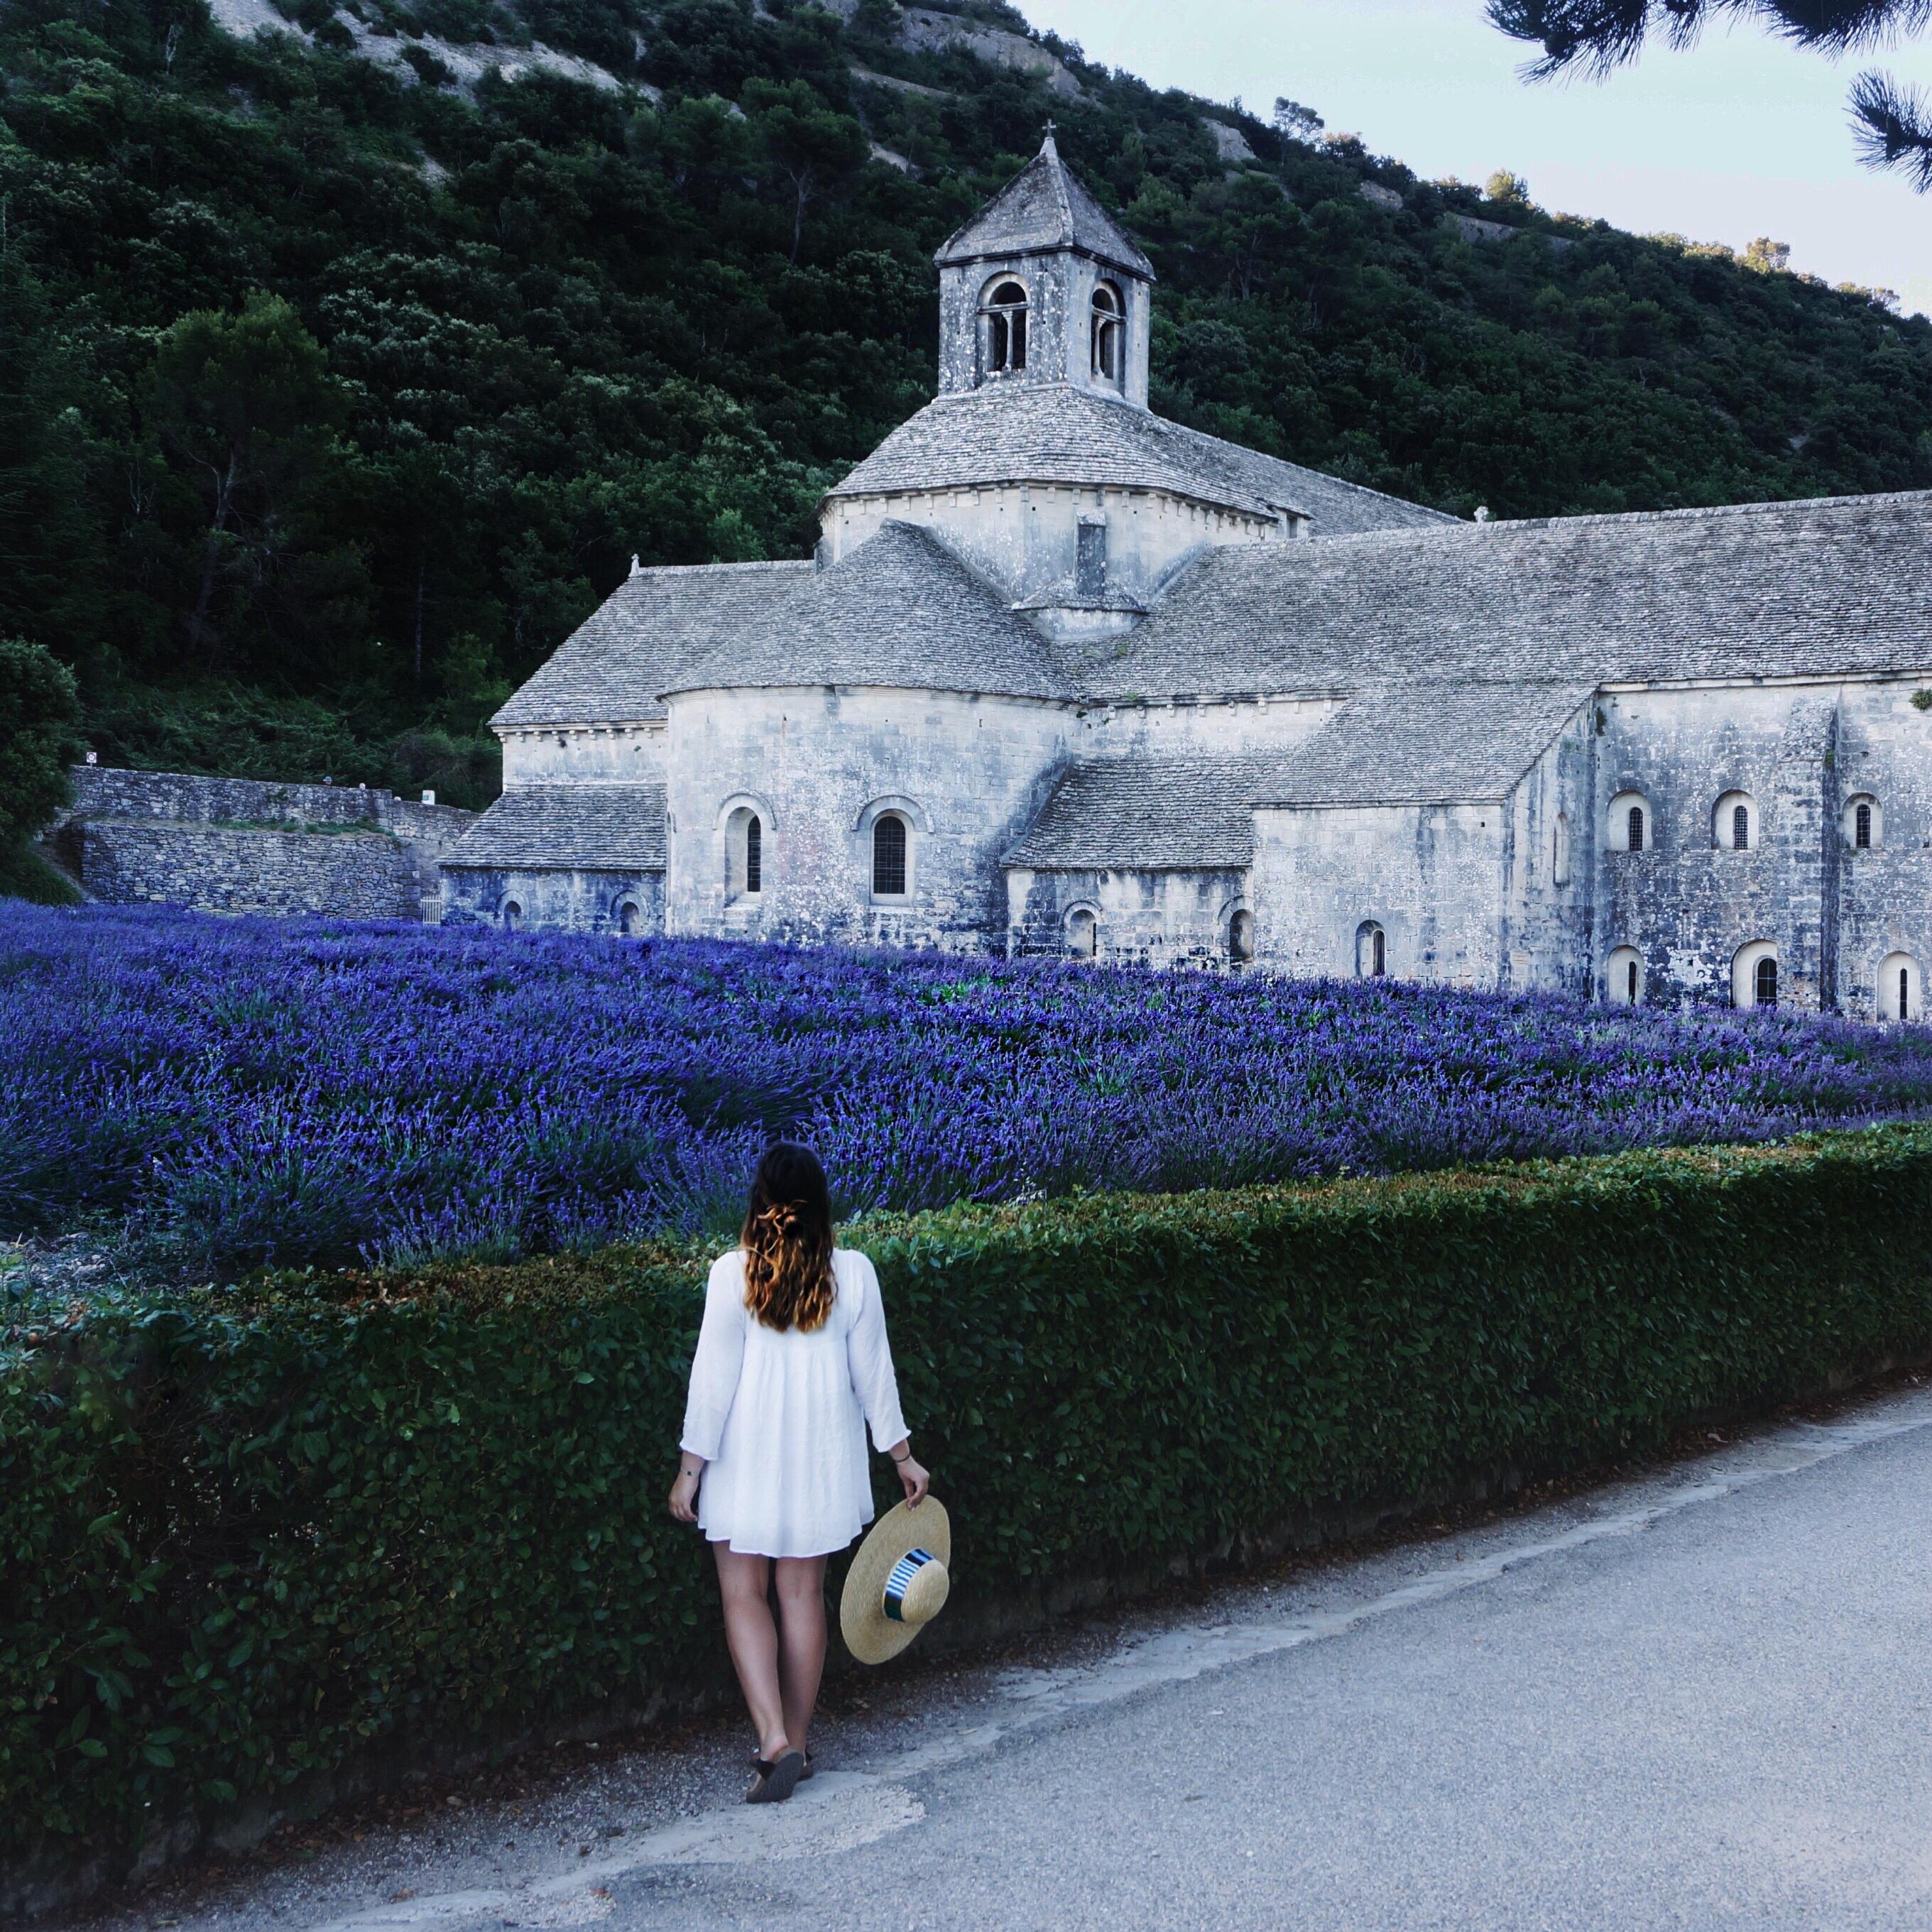 Frankreich Sehenswürdigkeiten, Provence, Lavendel, Kirchen, Urlaub, Reisen, Lavendelfelder Urlaub, Senauqe, Abbaye